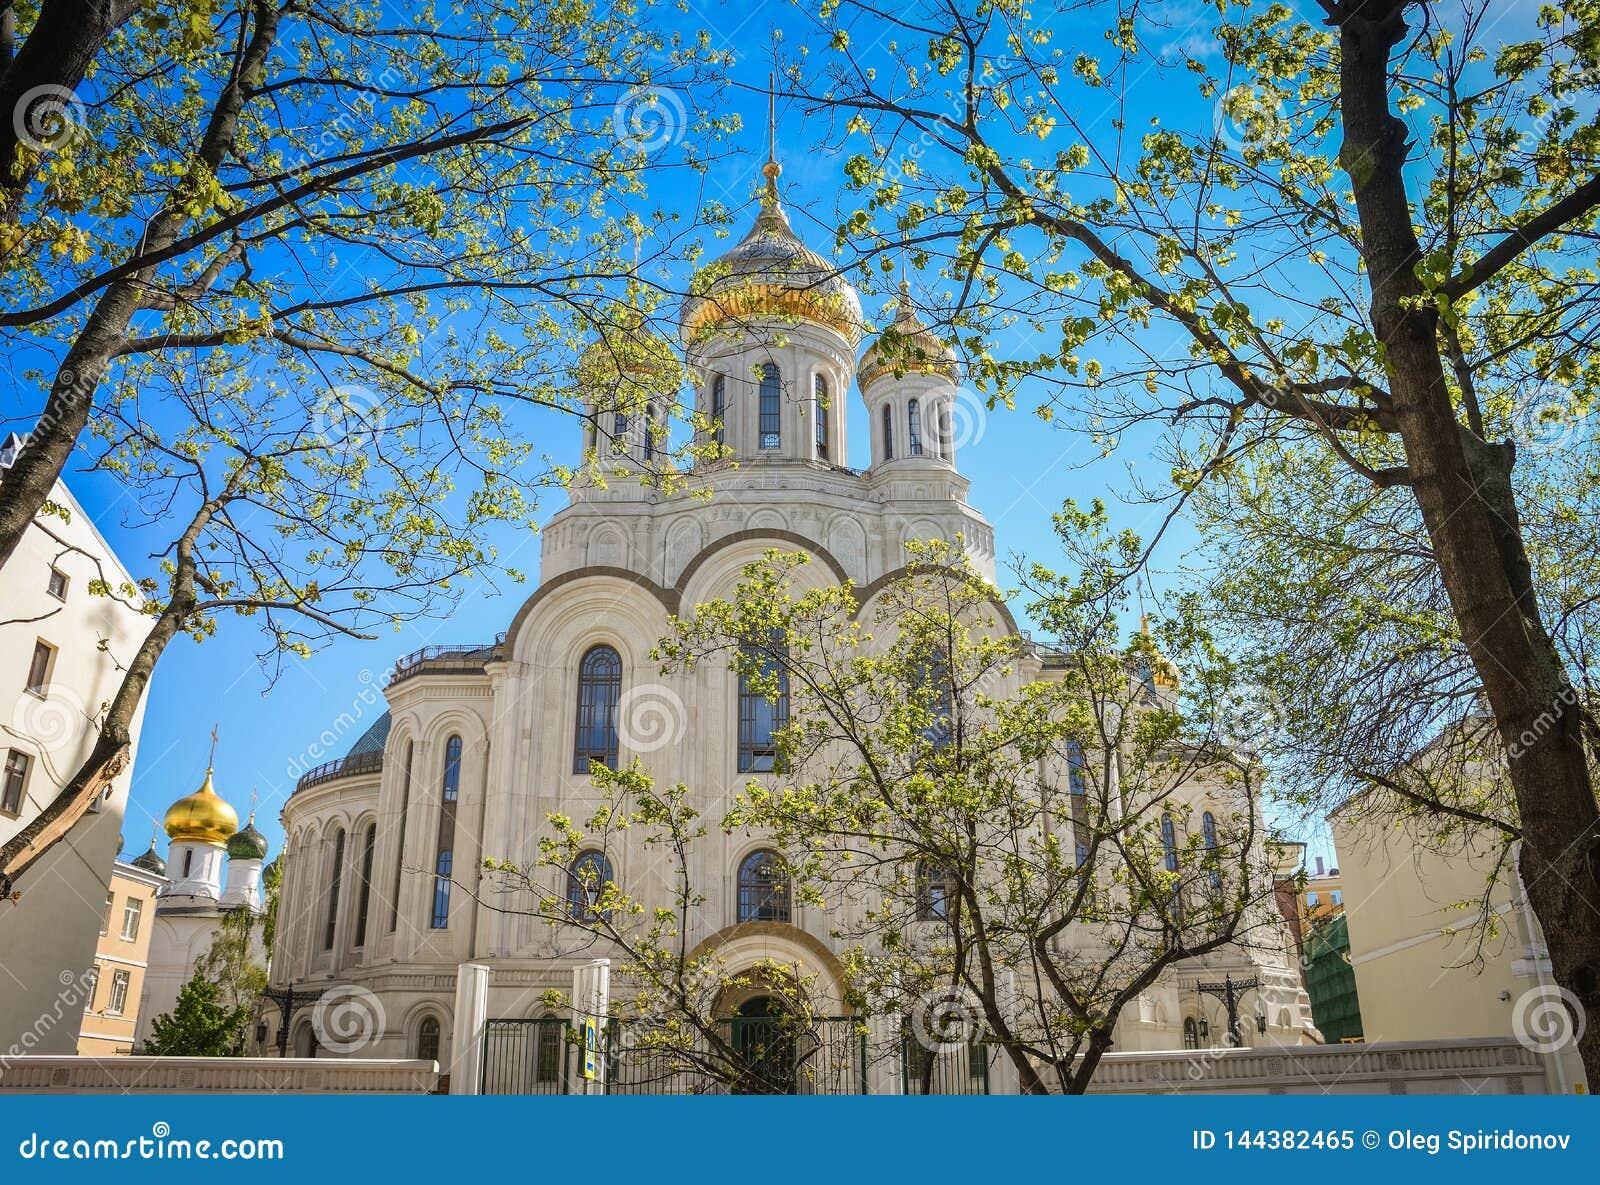 有金黄圆顶的教会在树中的阳光下